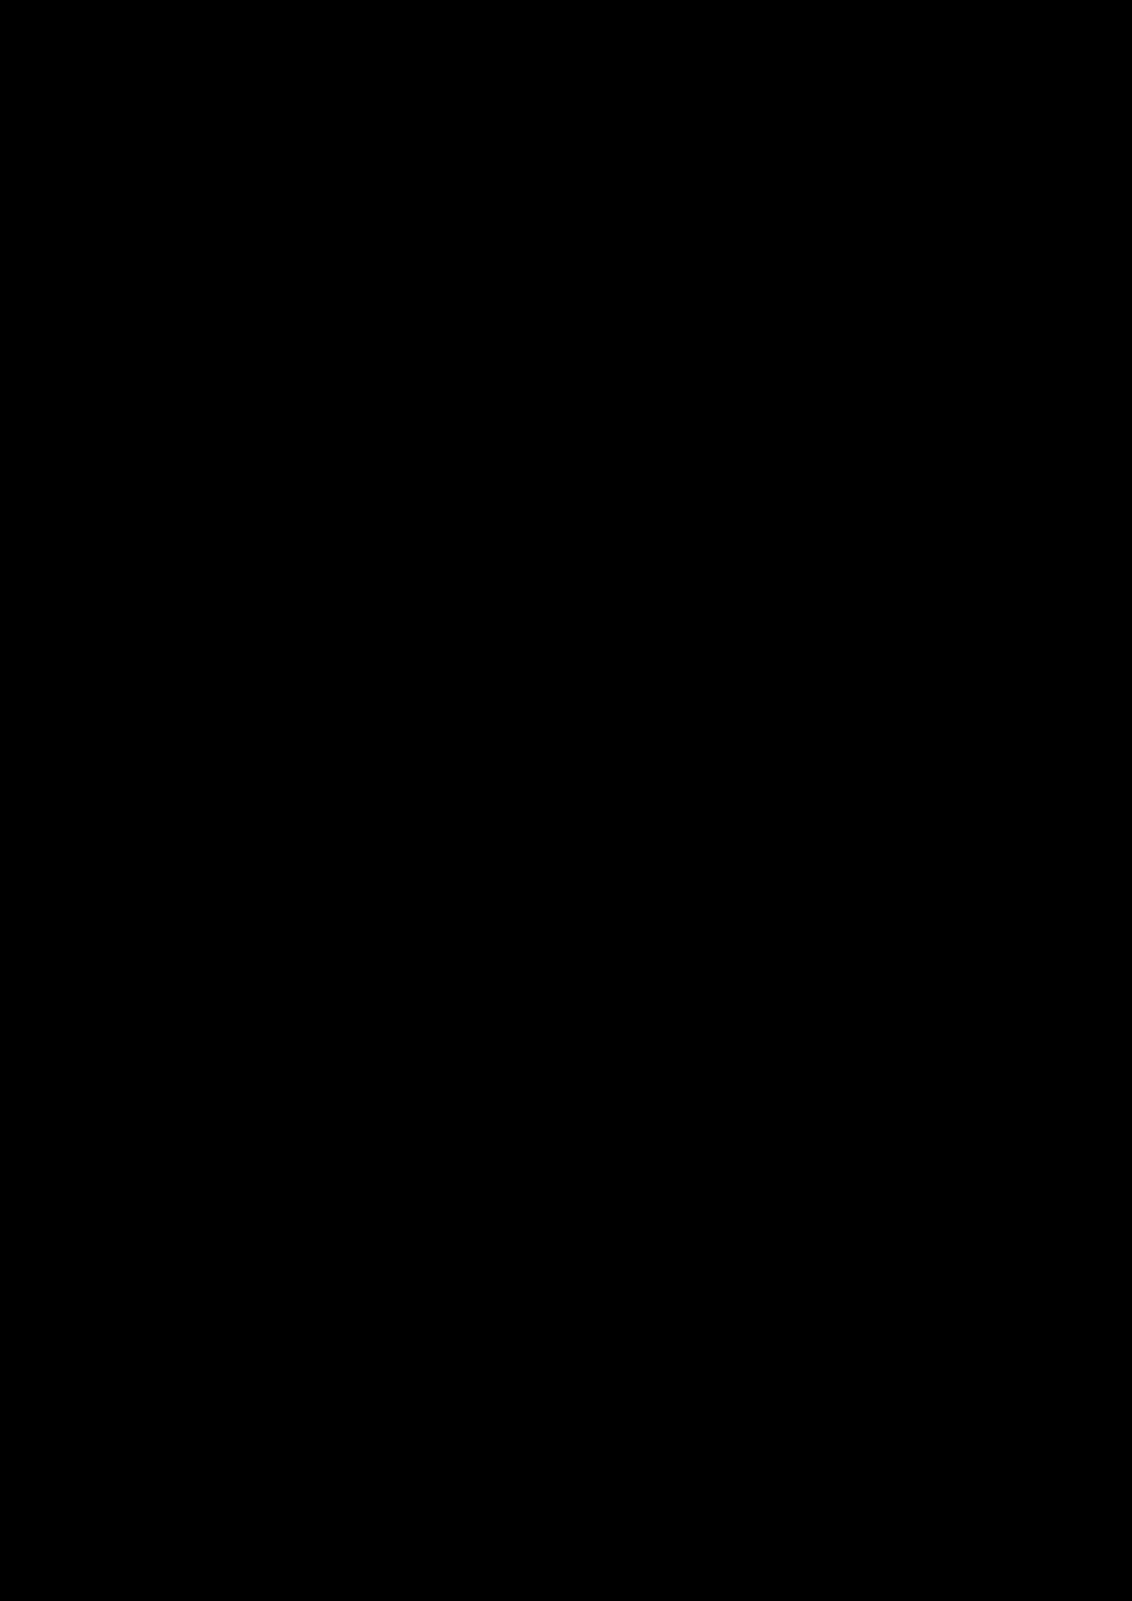 Zagadka volshebnoy stranyi slide, Image 48